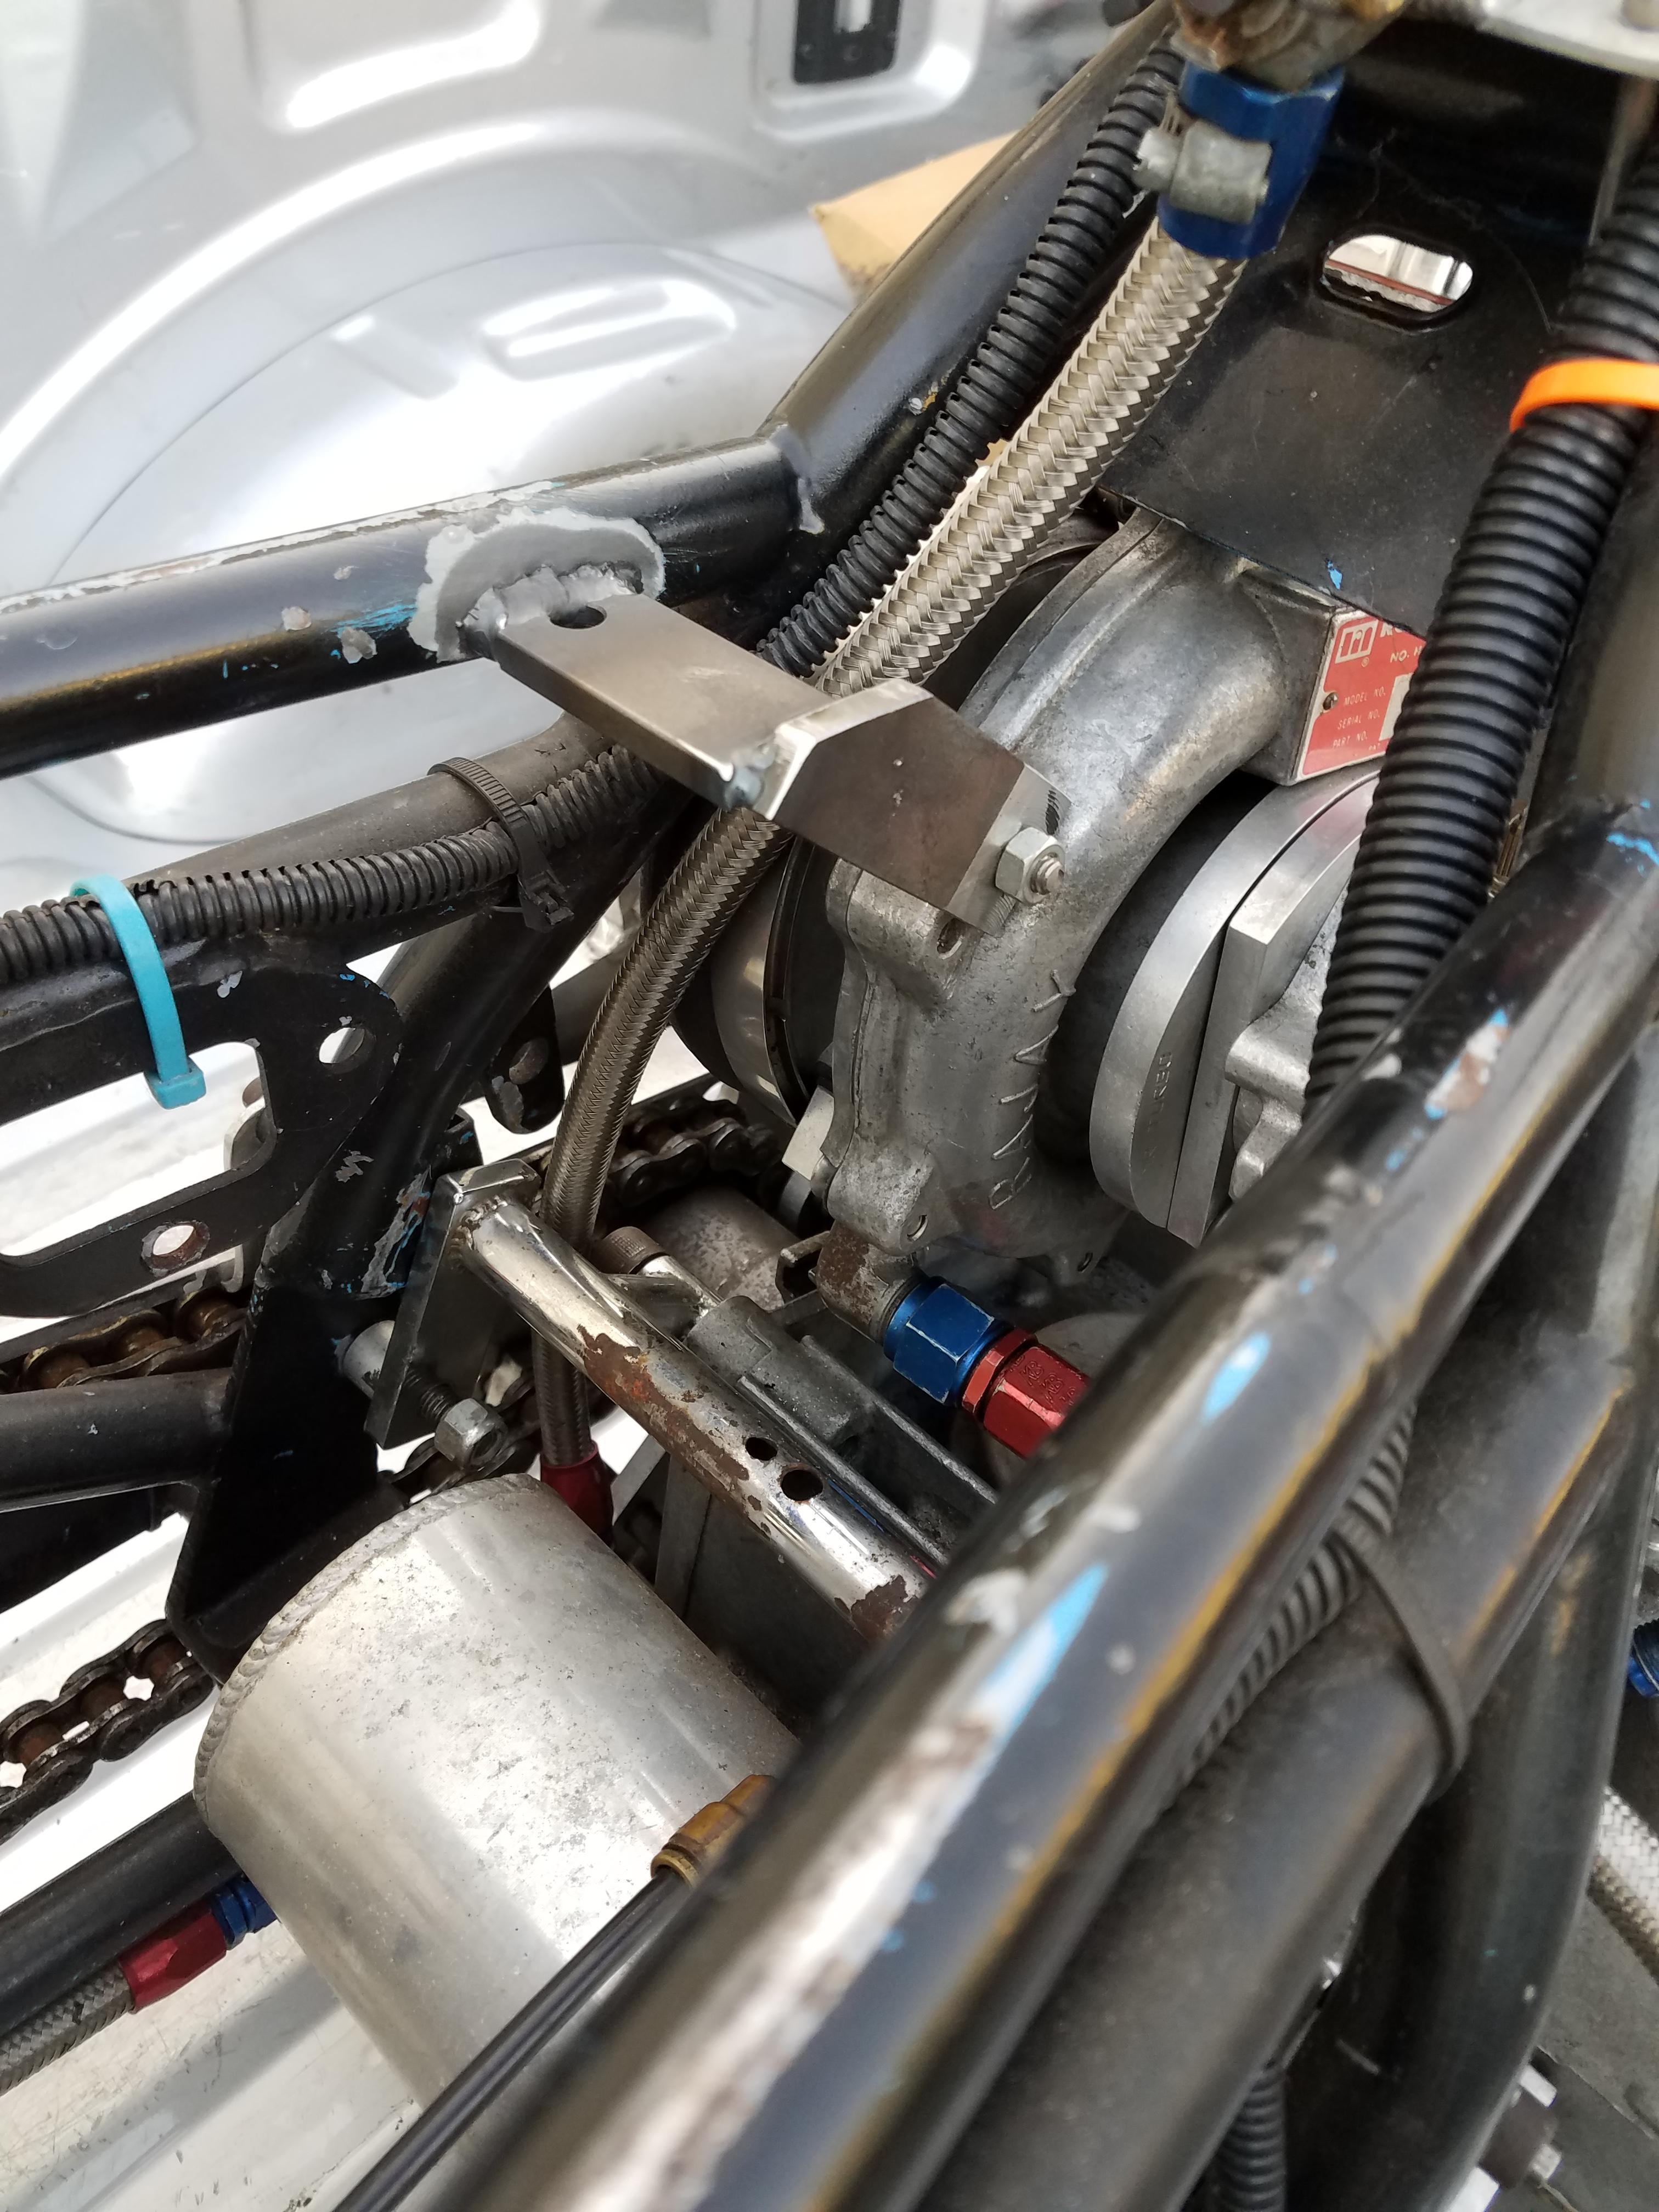 Support bracket for Drag bike Turbo Chopper Guys CPI